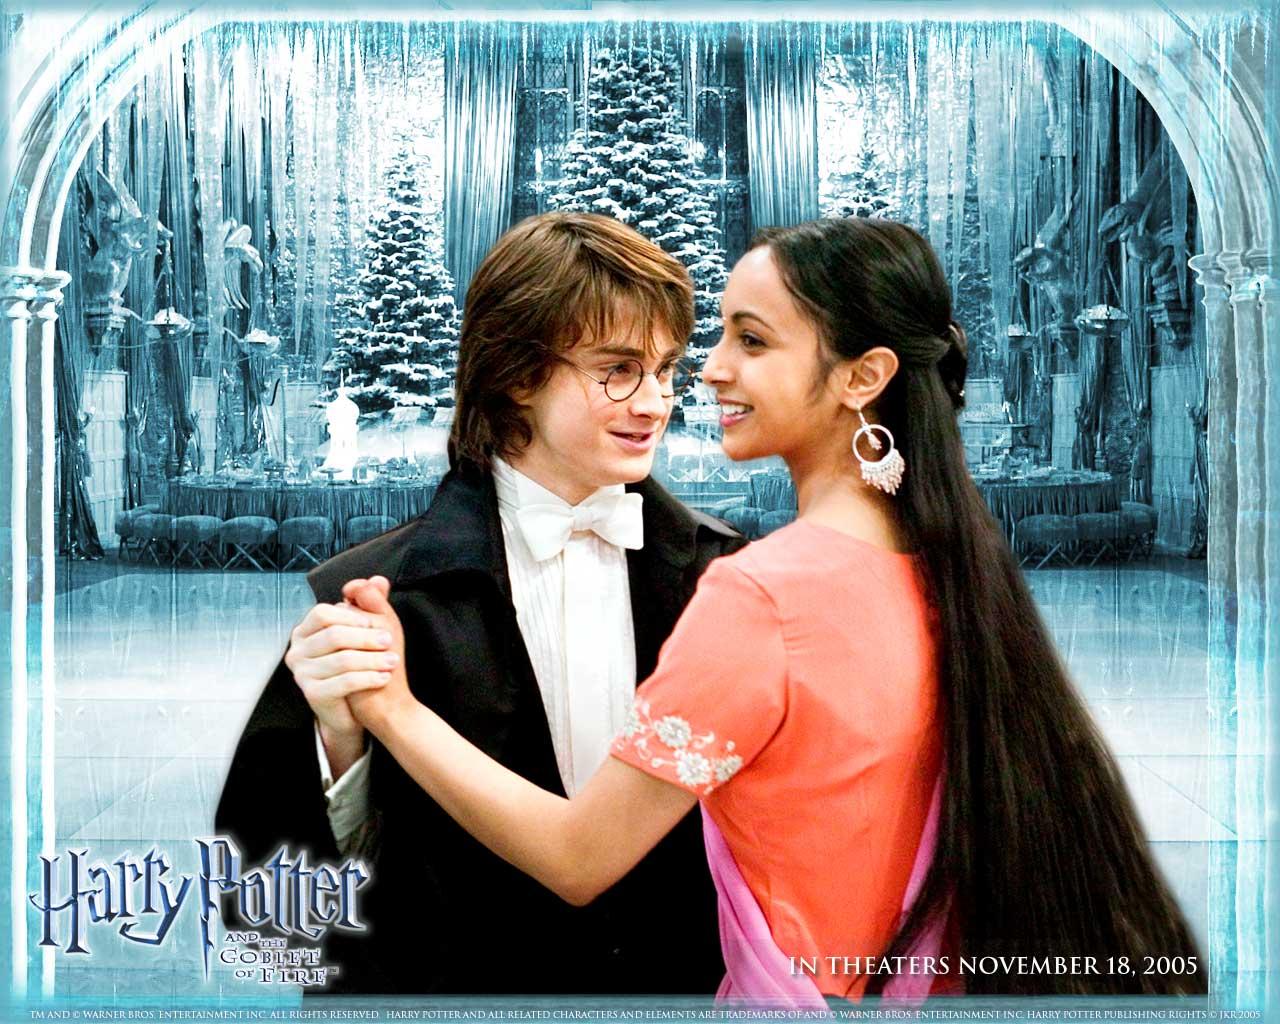 Verwonderlijk Afbeeldingen Harry Potter (film) Harry Potter en de Vuurbeker (film) AA-98